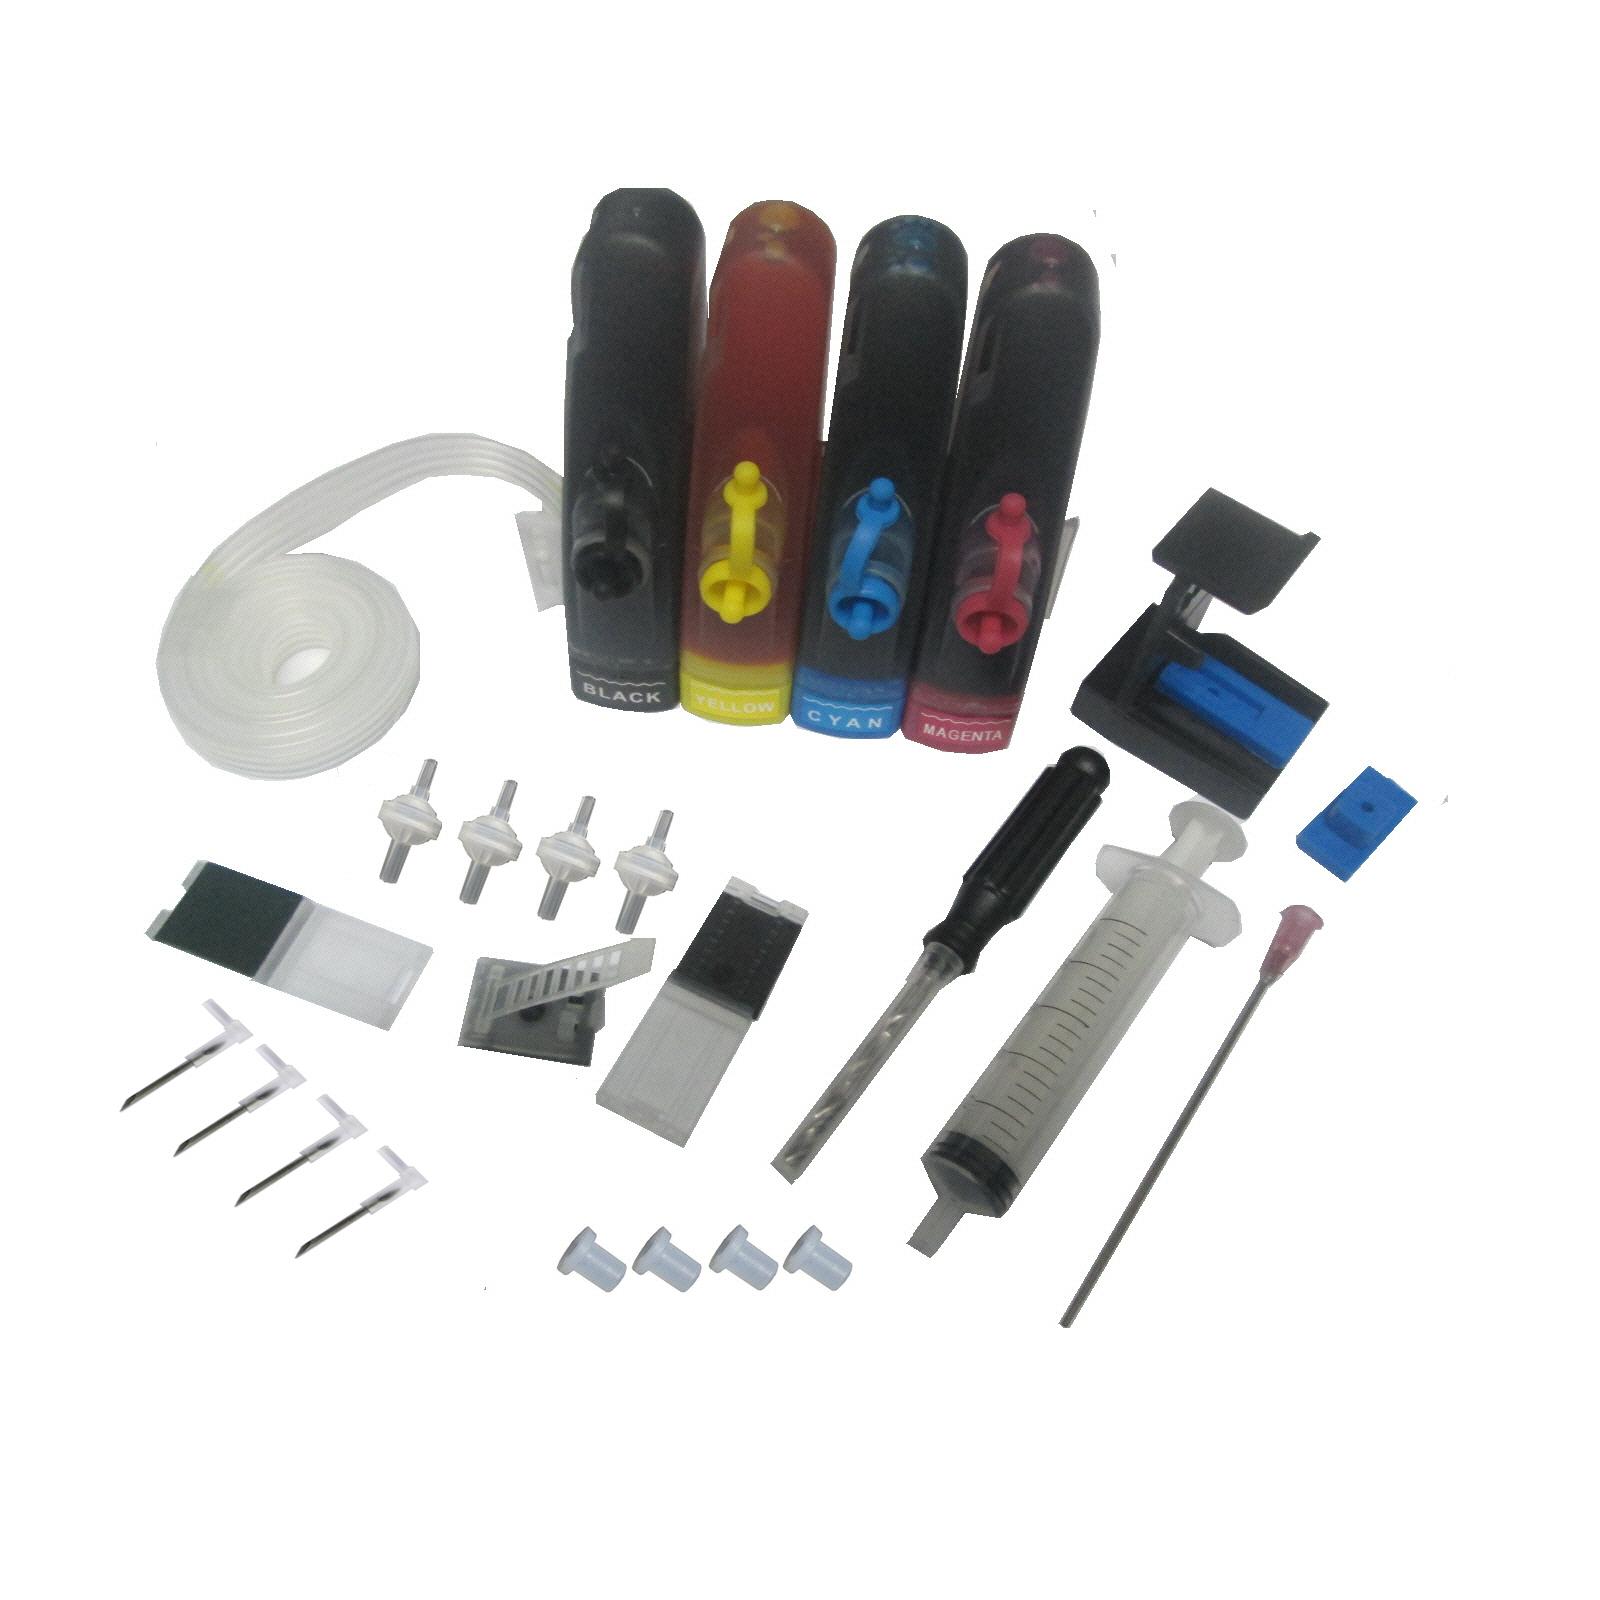 Bộ tiếp mực ngoài máy in canon E400, E410, E460, E500, E510, E560, E600, E610